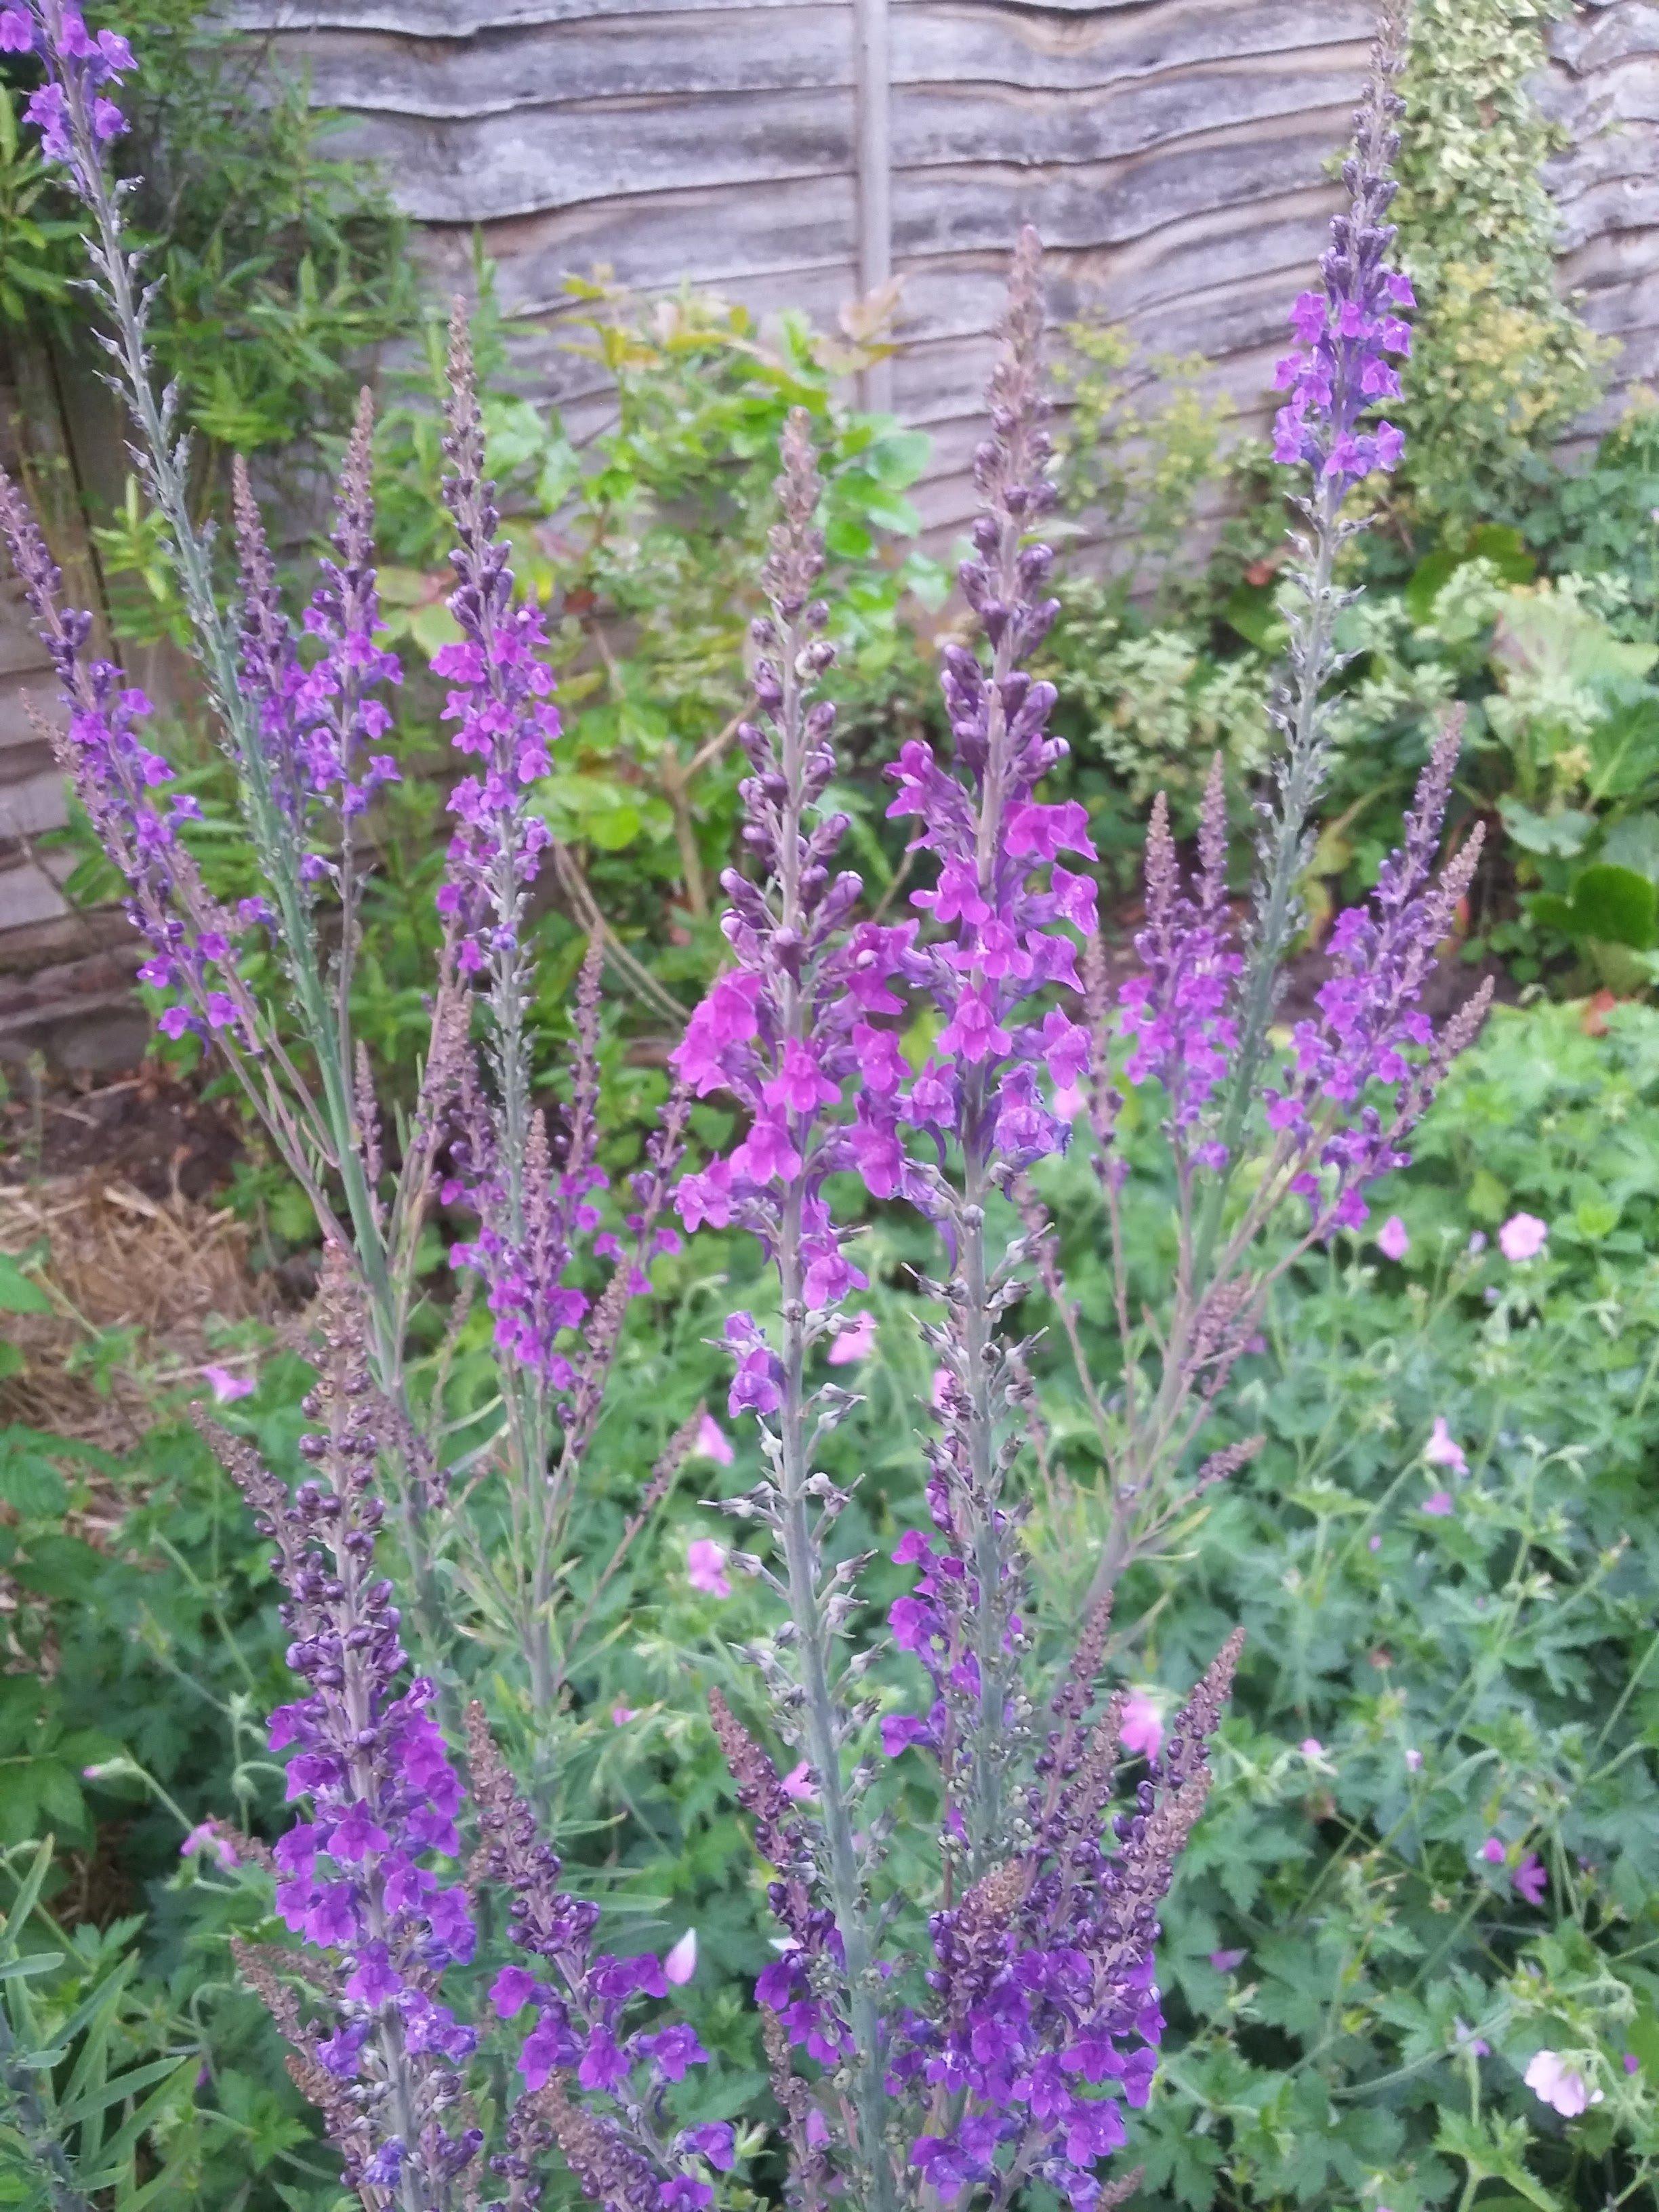 Tall Wild Flower Id Help Forum Gardenersworld